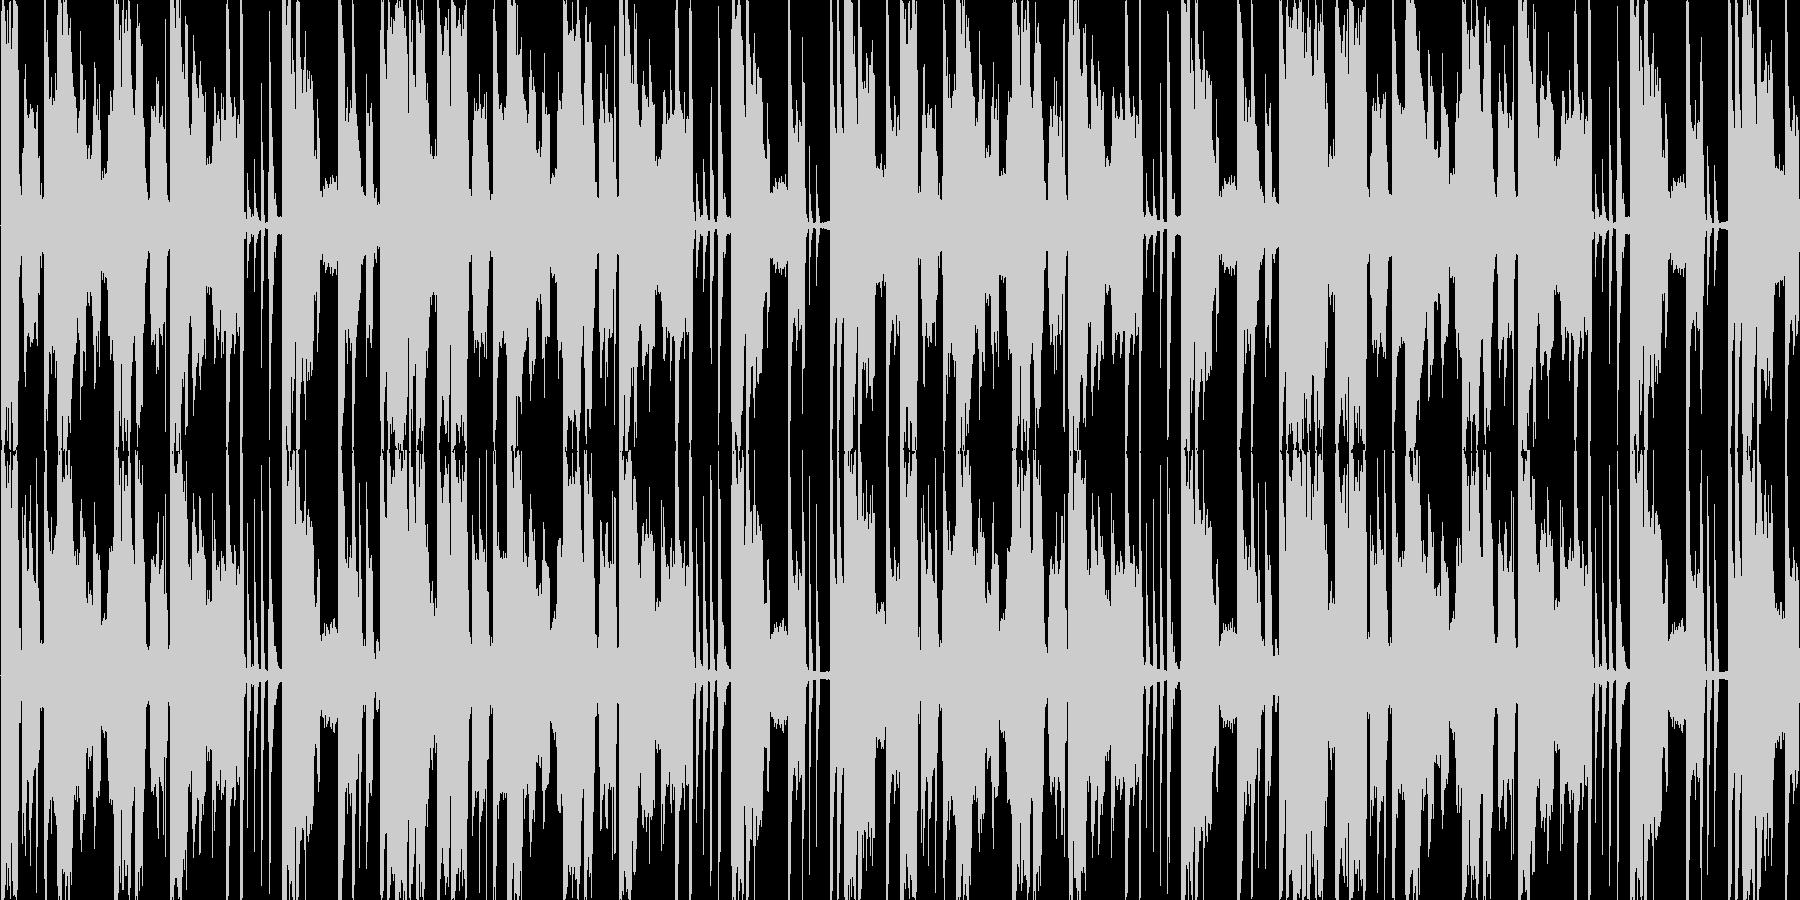 スクリレックス風ジングルの未再生の波形